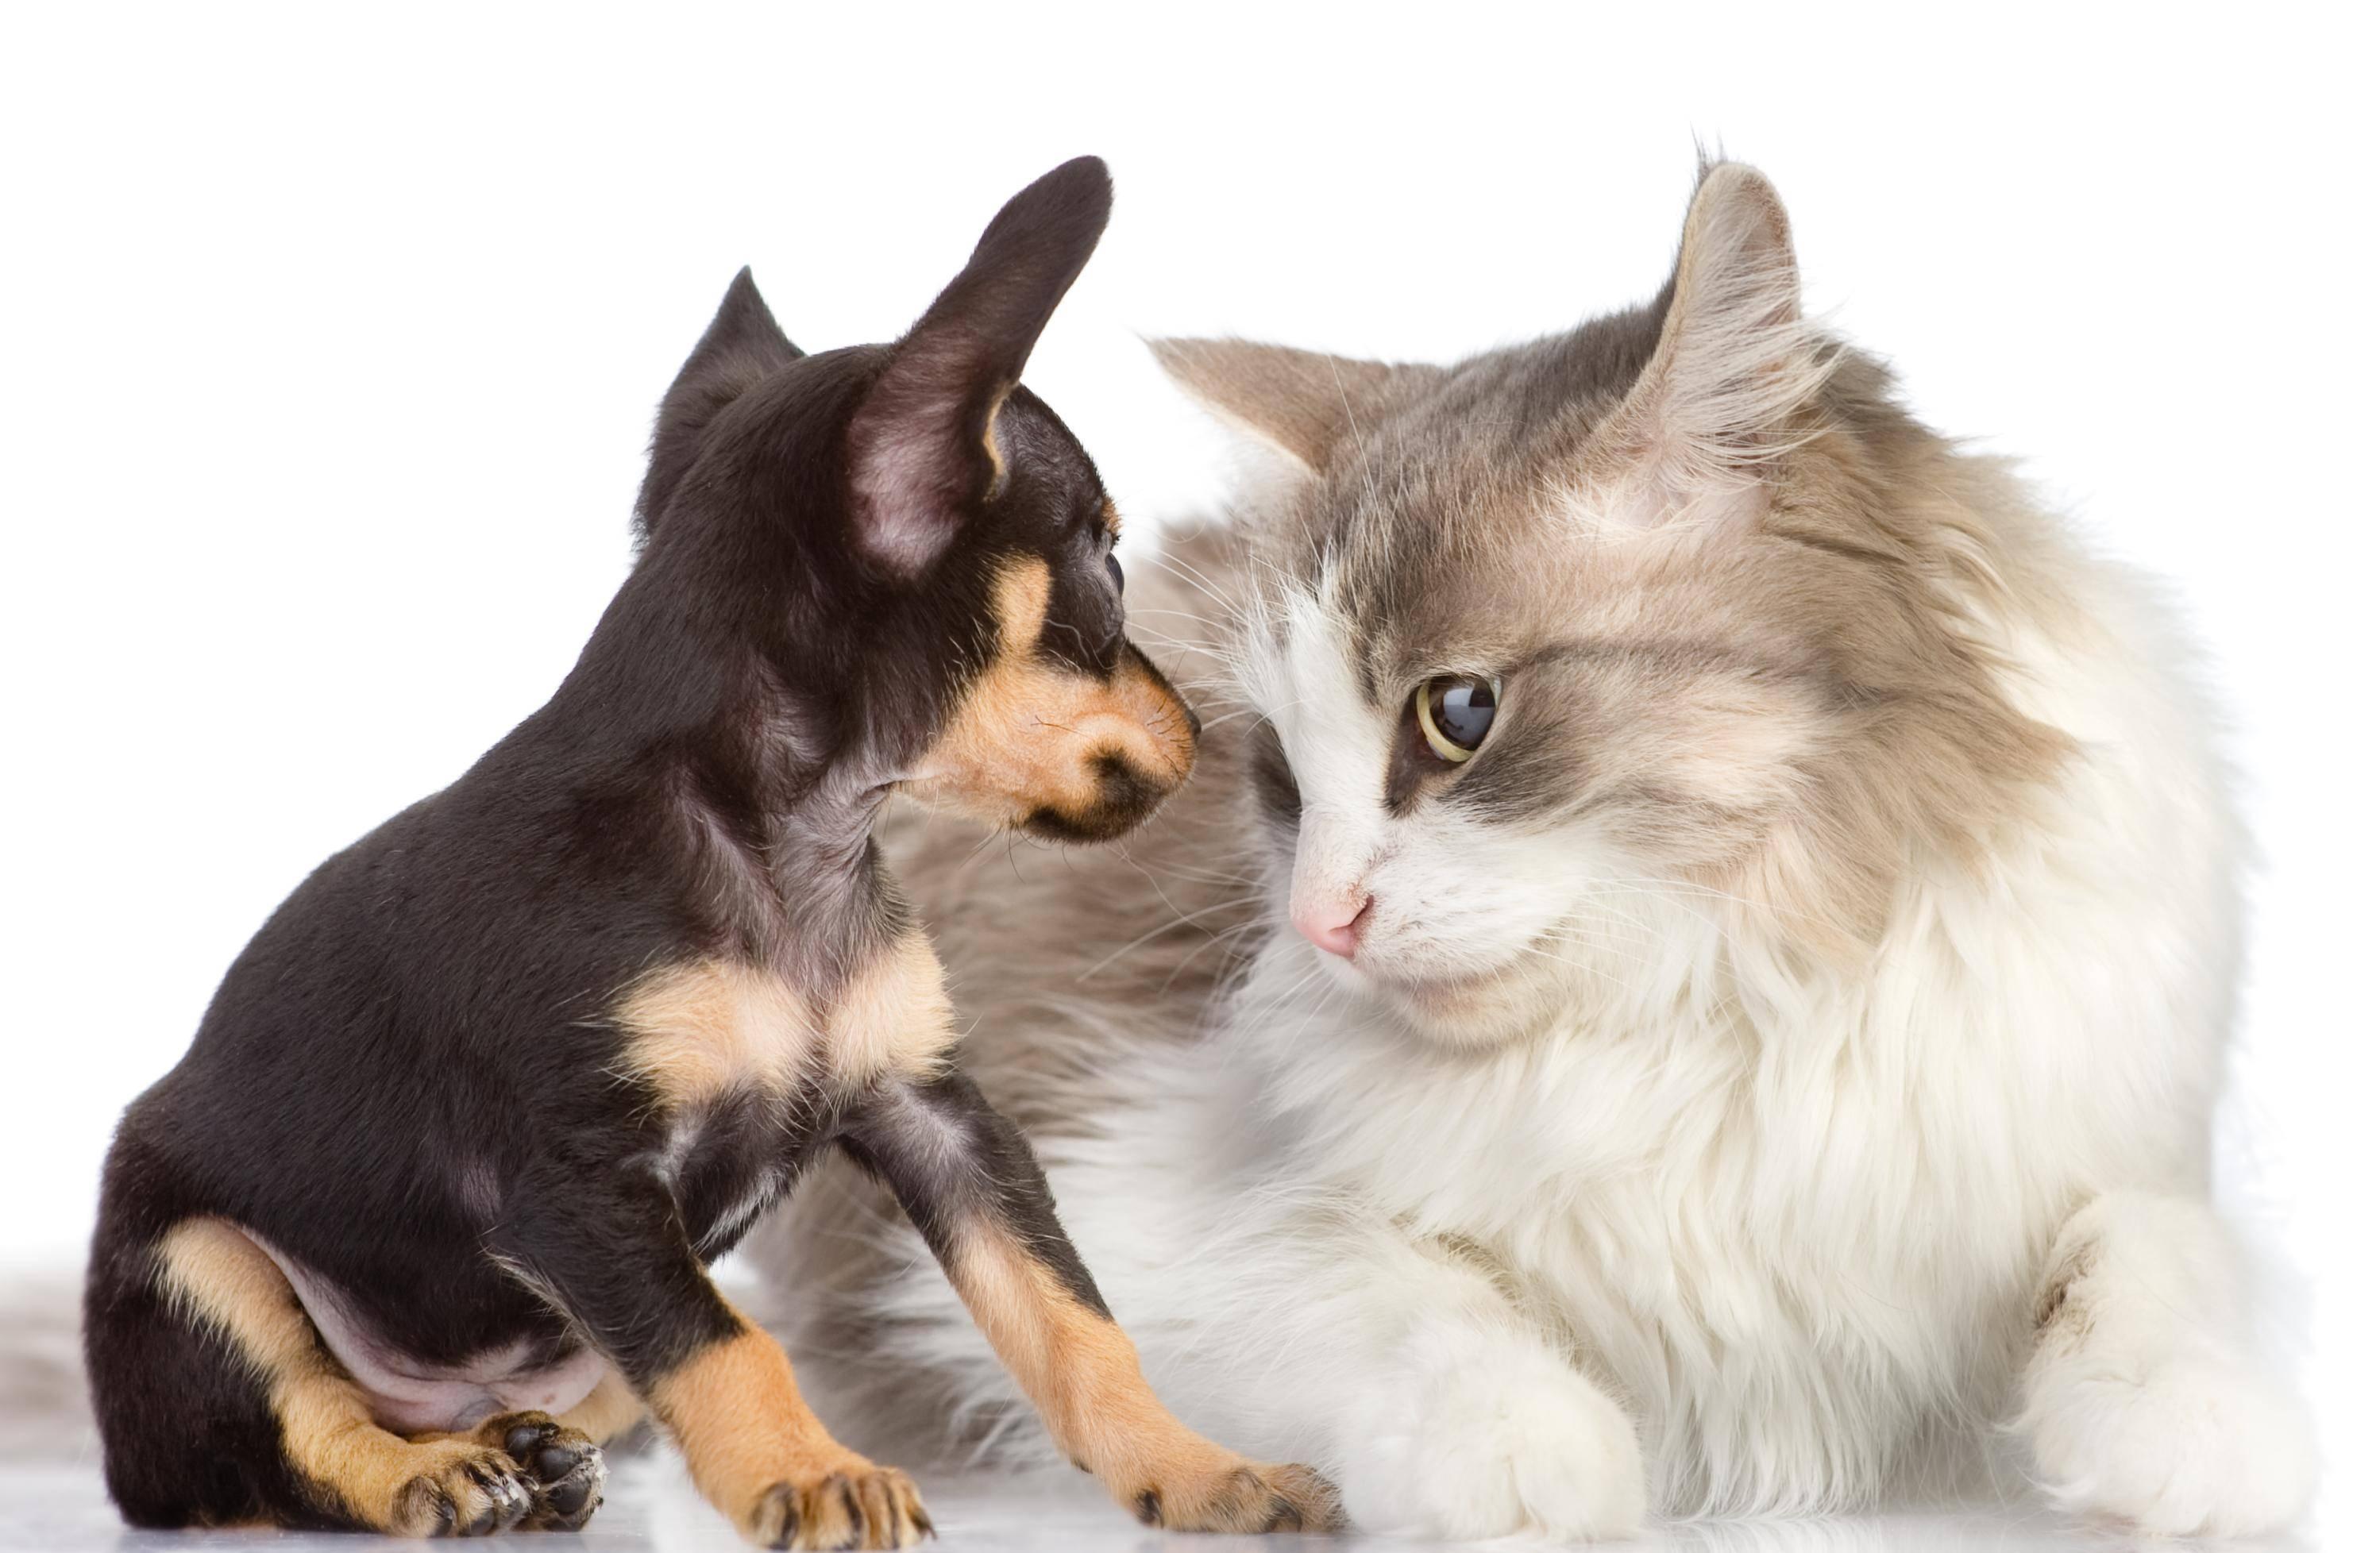 Und auch mit anderen Tieren kommt er meist gut klar – ein wahrer Goldschatz! – Bild: Shutterstock / Ermolaev Alexander